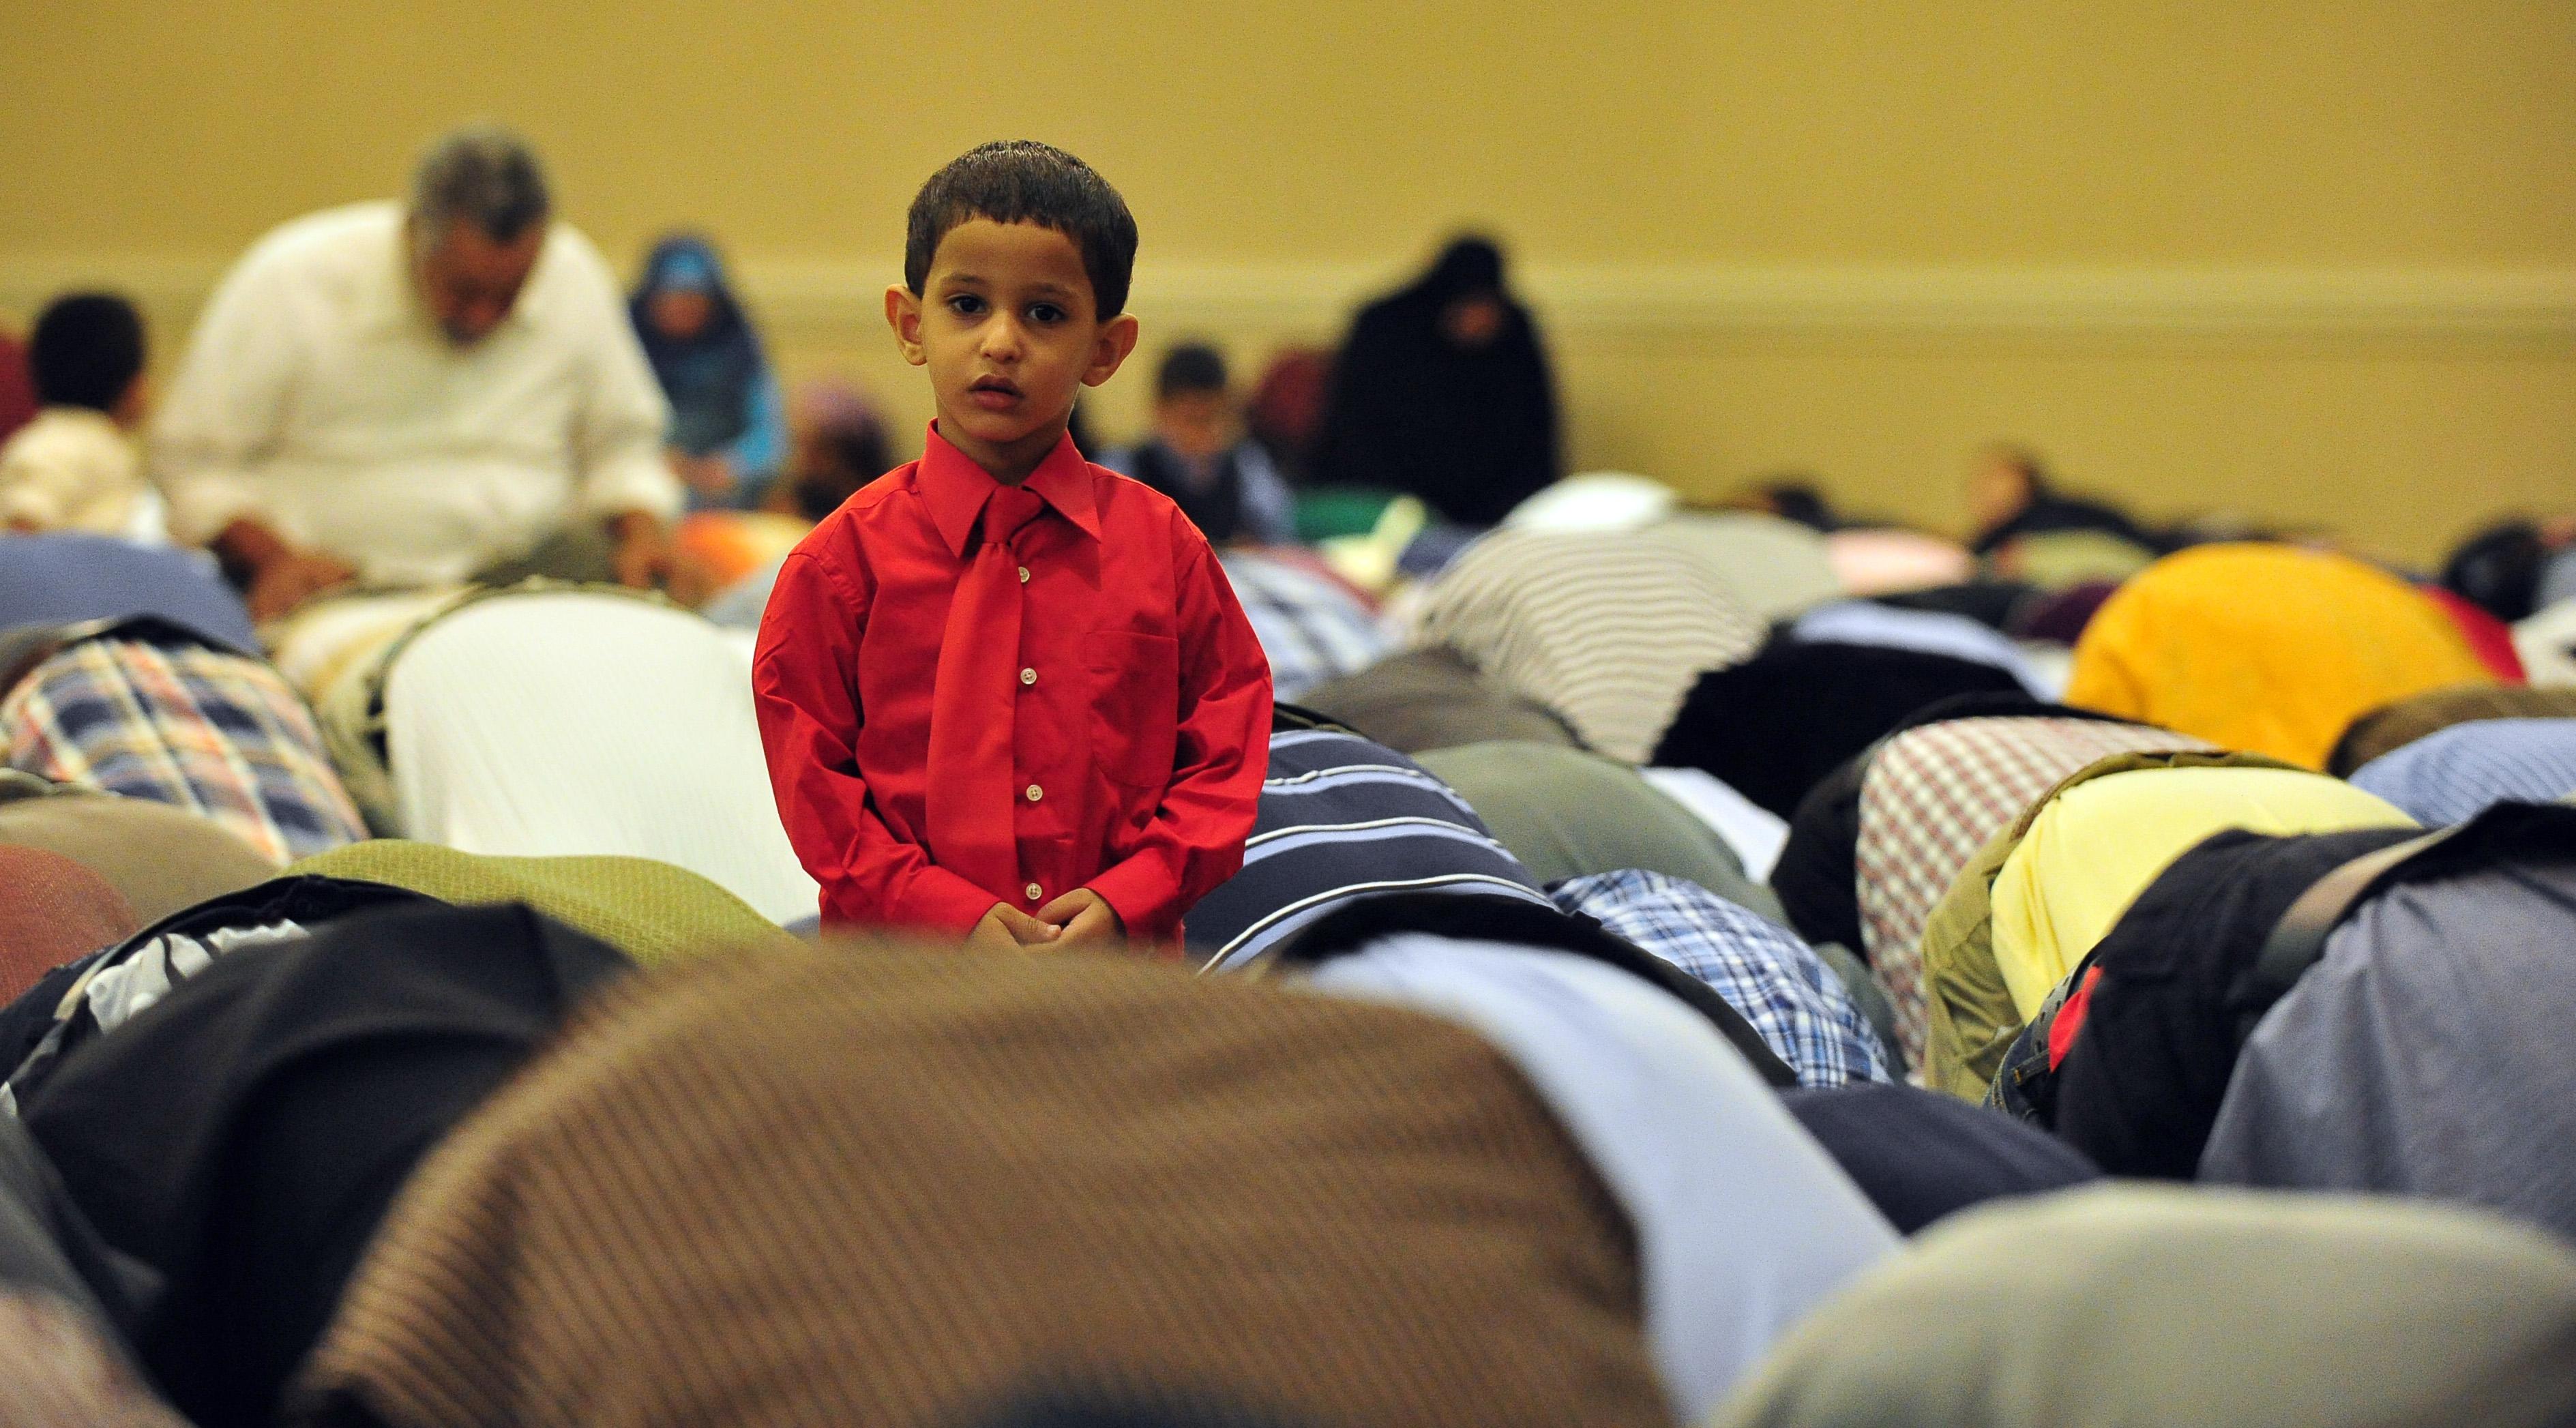 Un garçon, à genoux, les mains jointes, regarde autour de lui des hommes prosternés vers le sol et dont on ne voit que le dos. (© AP Images)